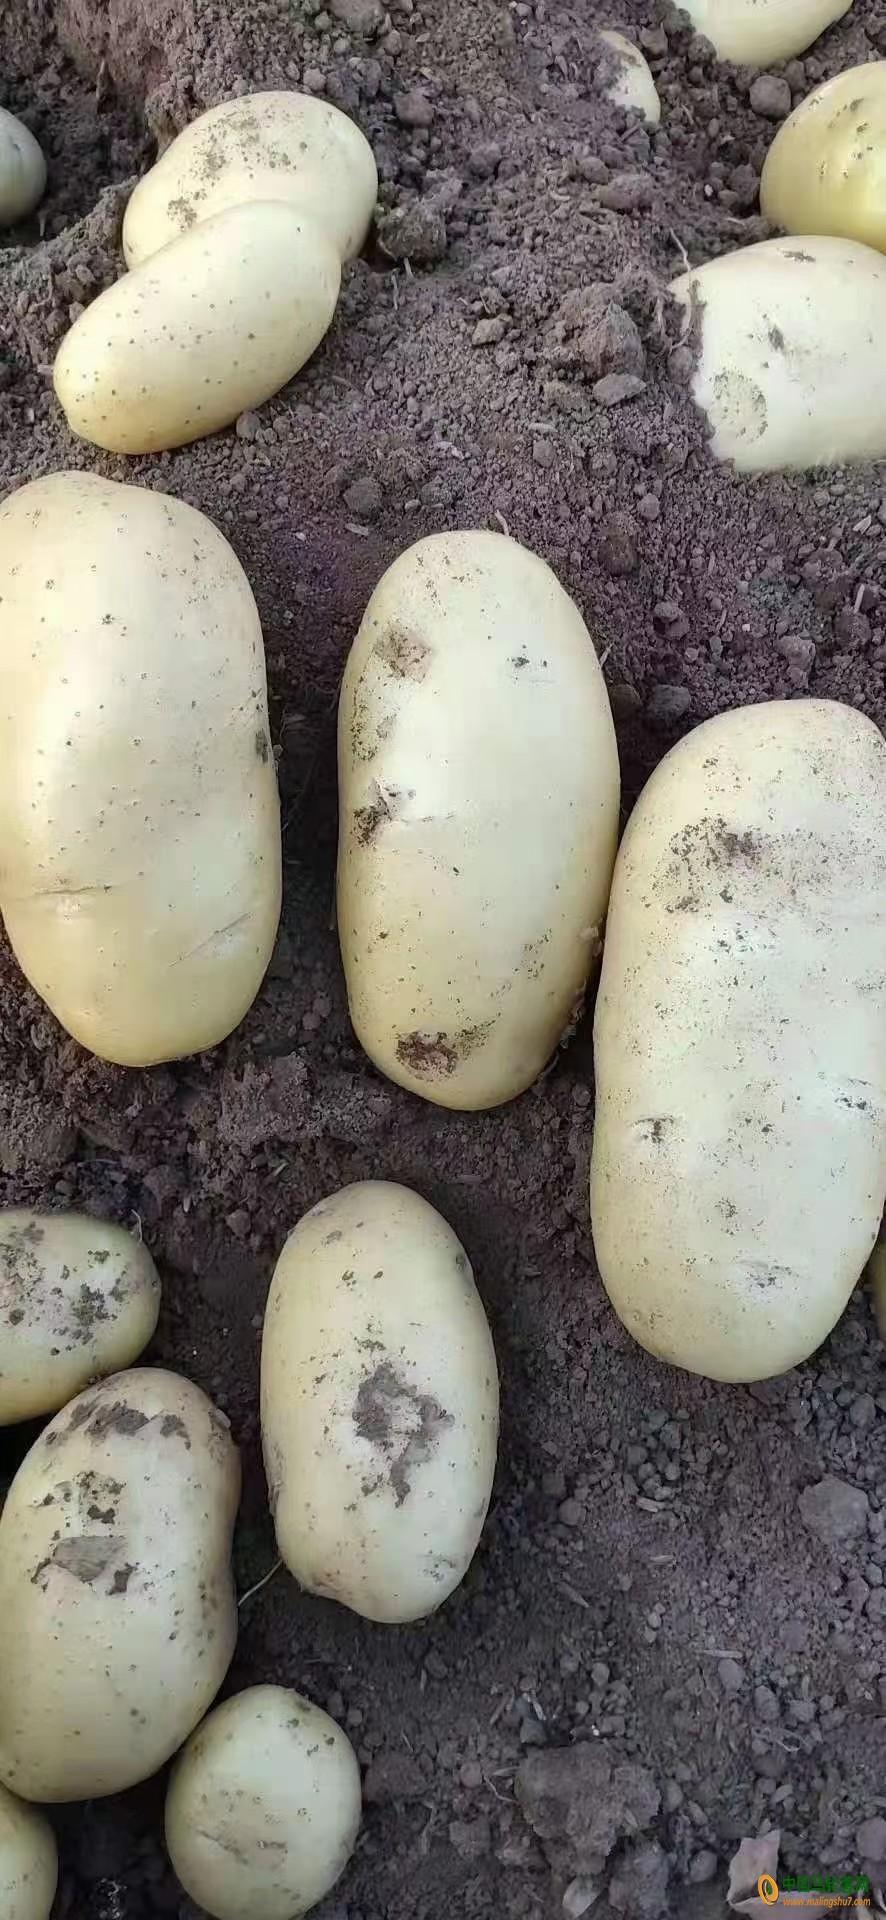 大量土豆上市 ()